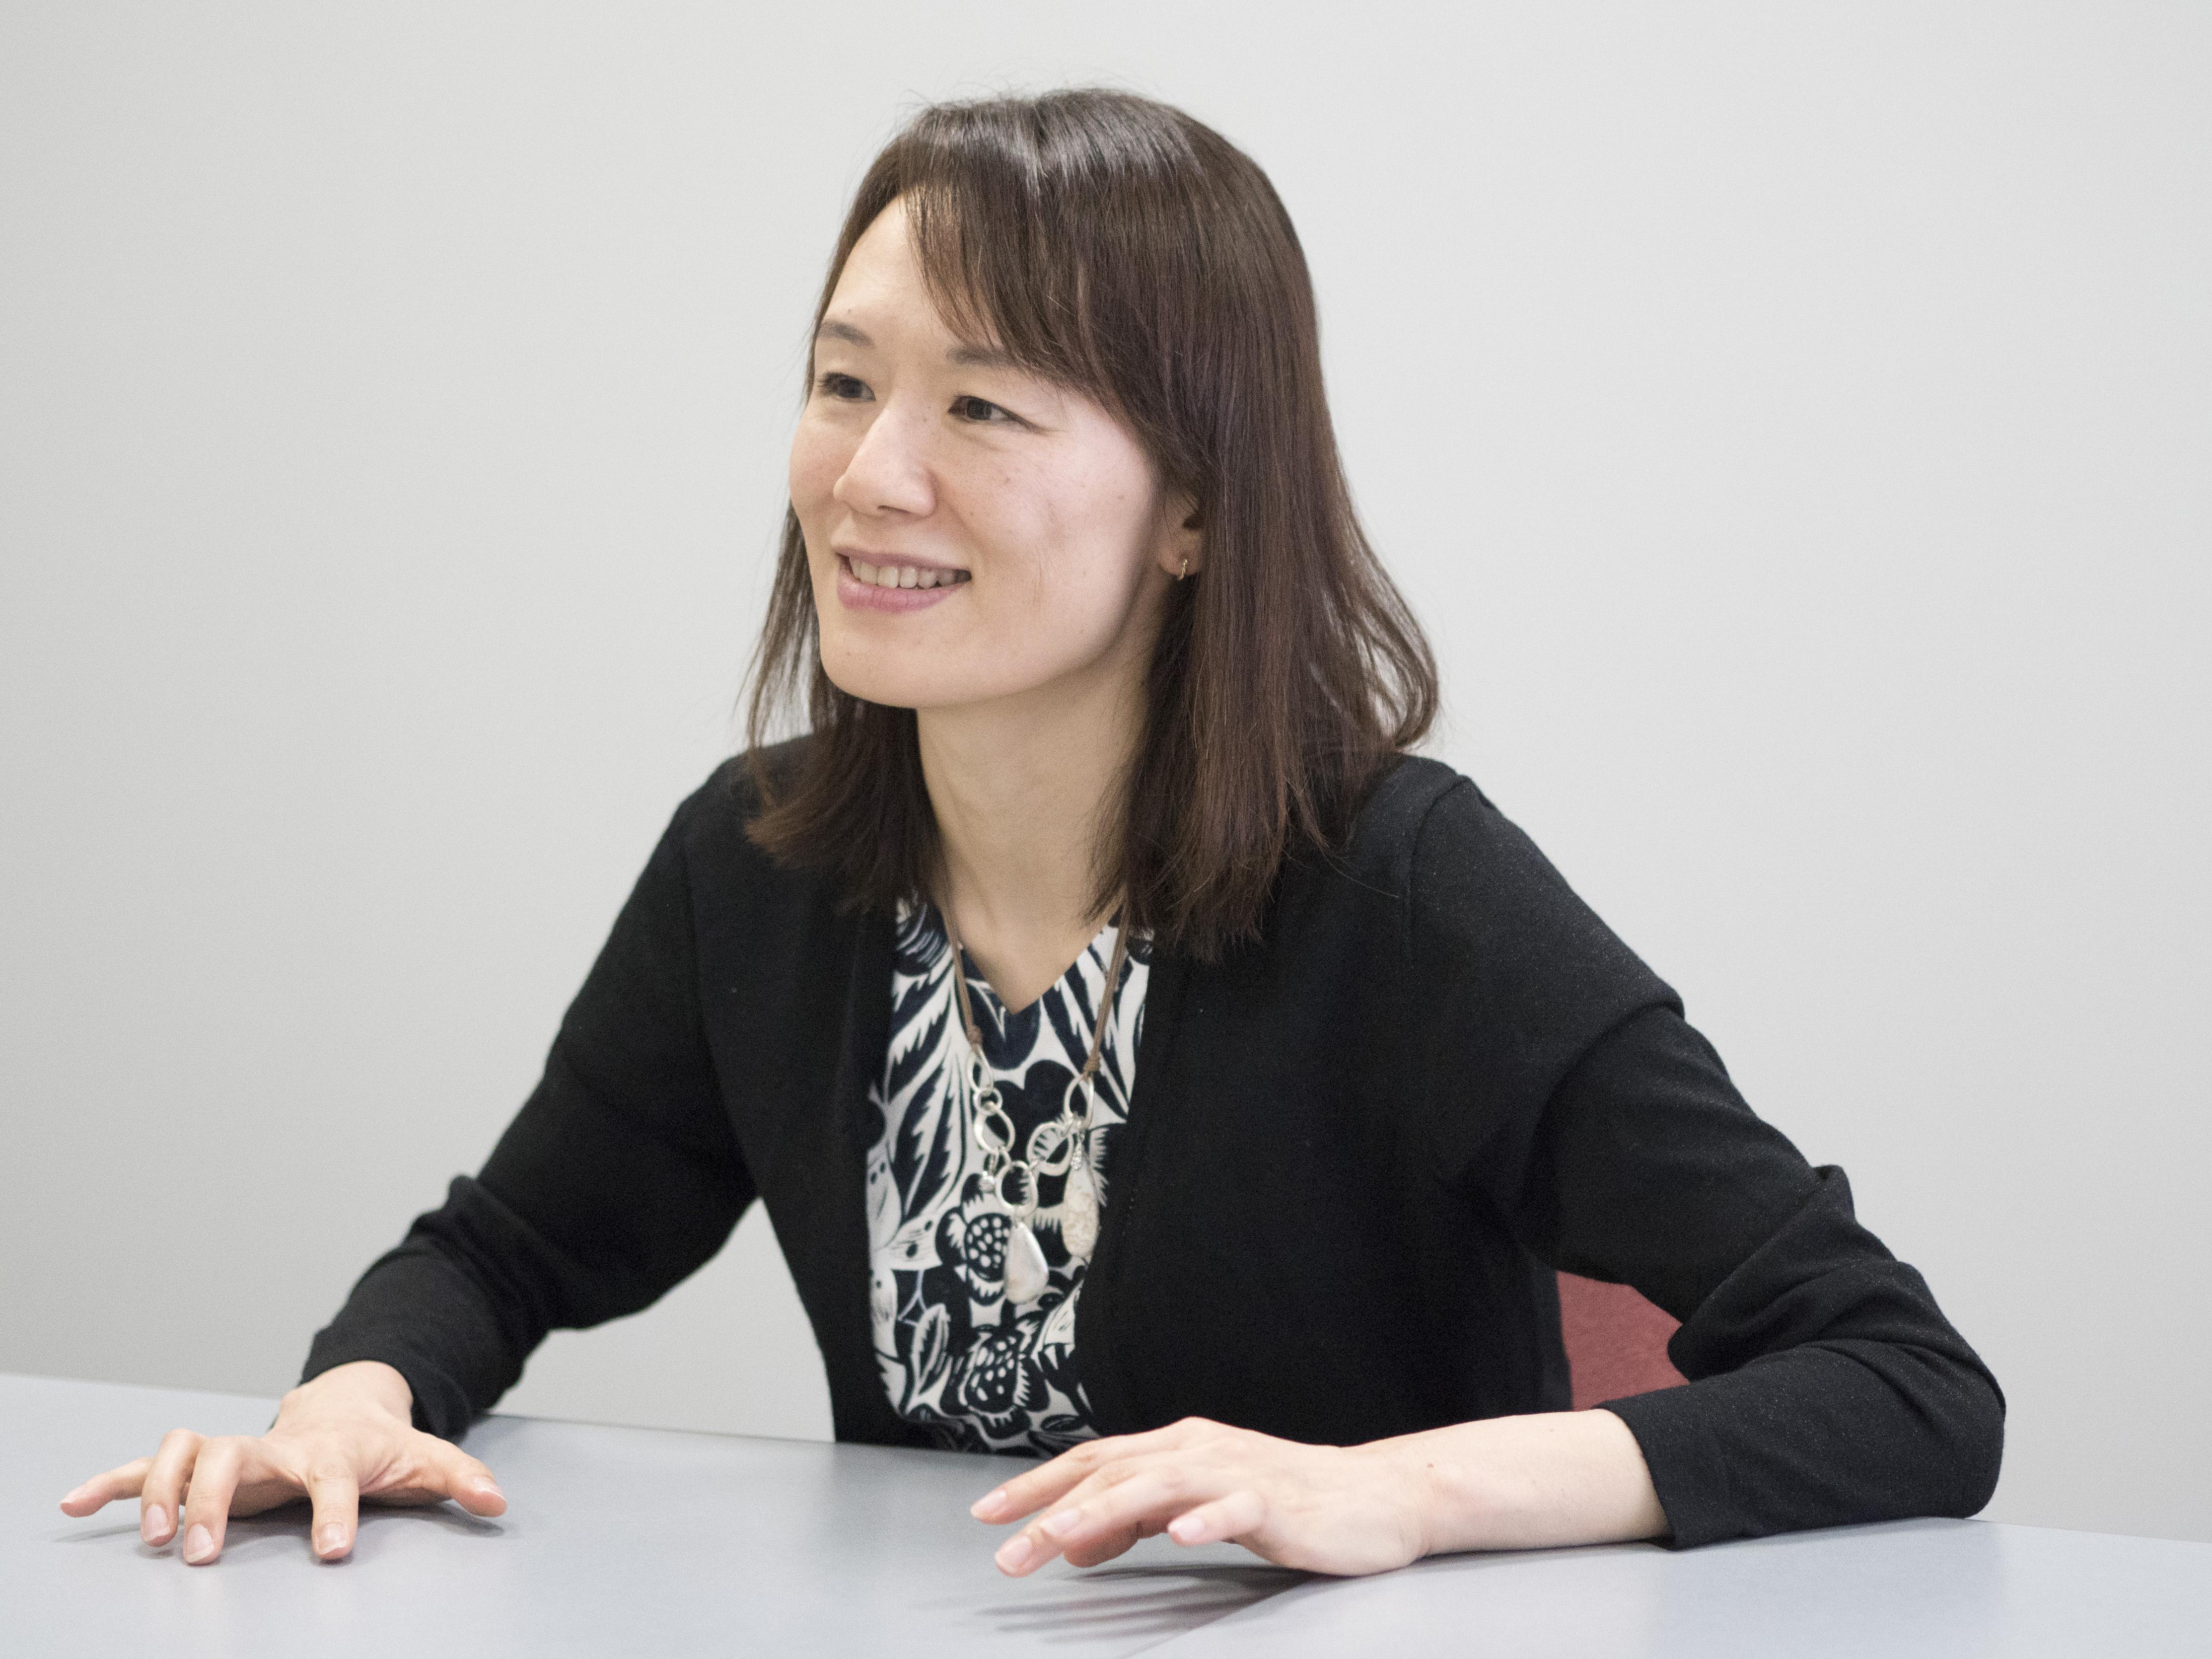 宮下奈都さんインタビュー画像1